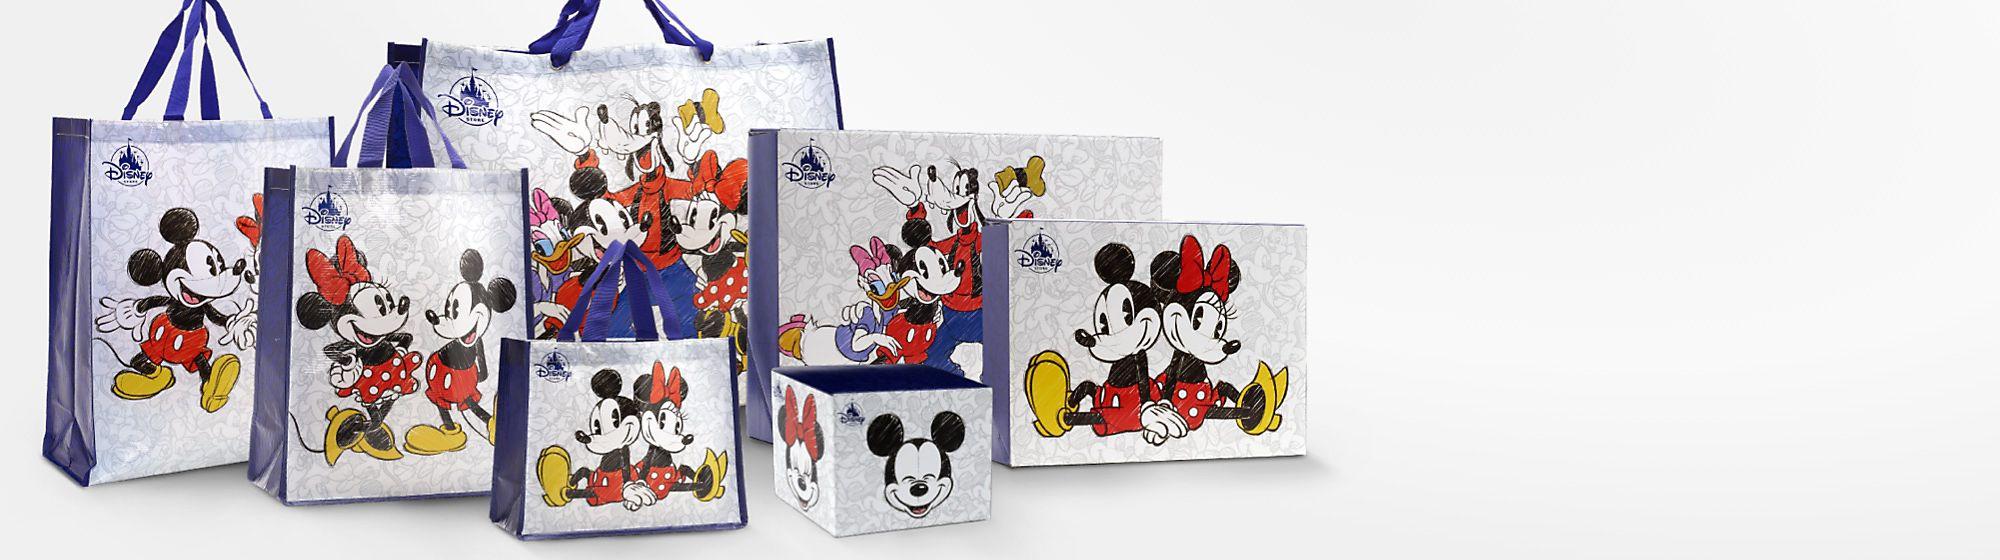 Emballages et sacs cadeaux Découvrez notre merveilleuse collection de boîtes cadeaux et sacs réutilisables à l'effigie de Mickey, Minnie et bien d'autres